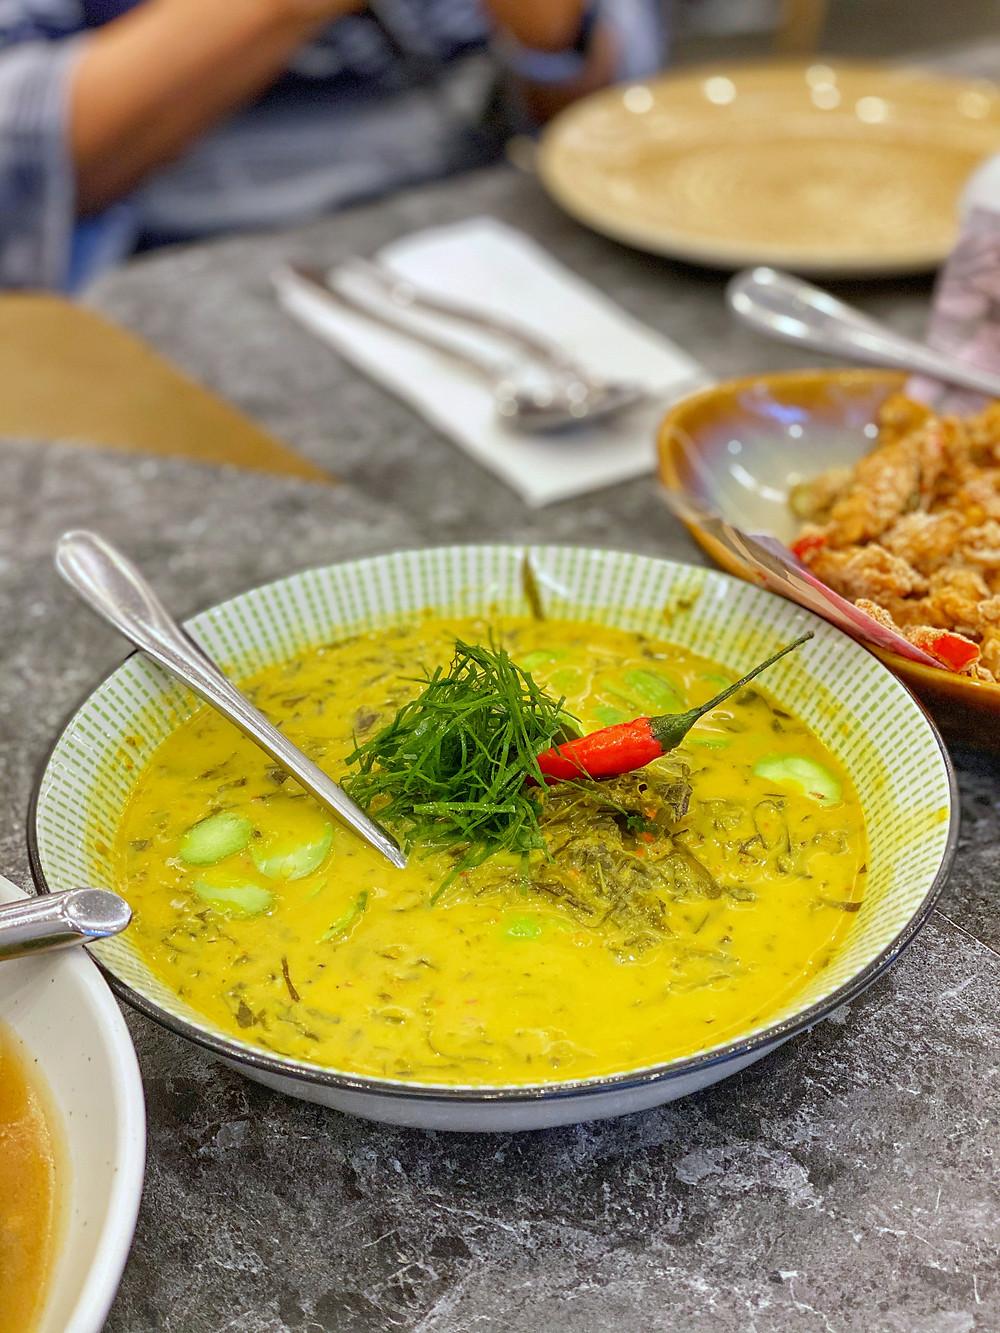 tempoyak with petai